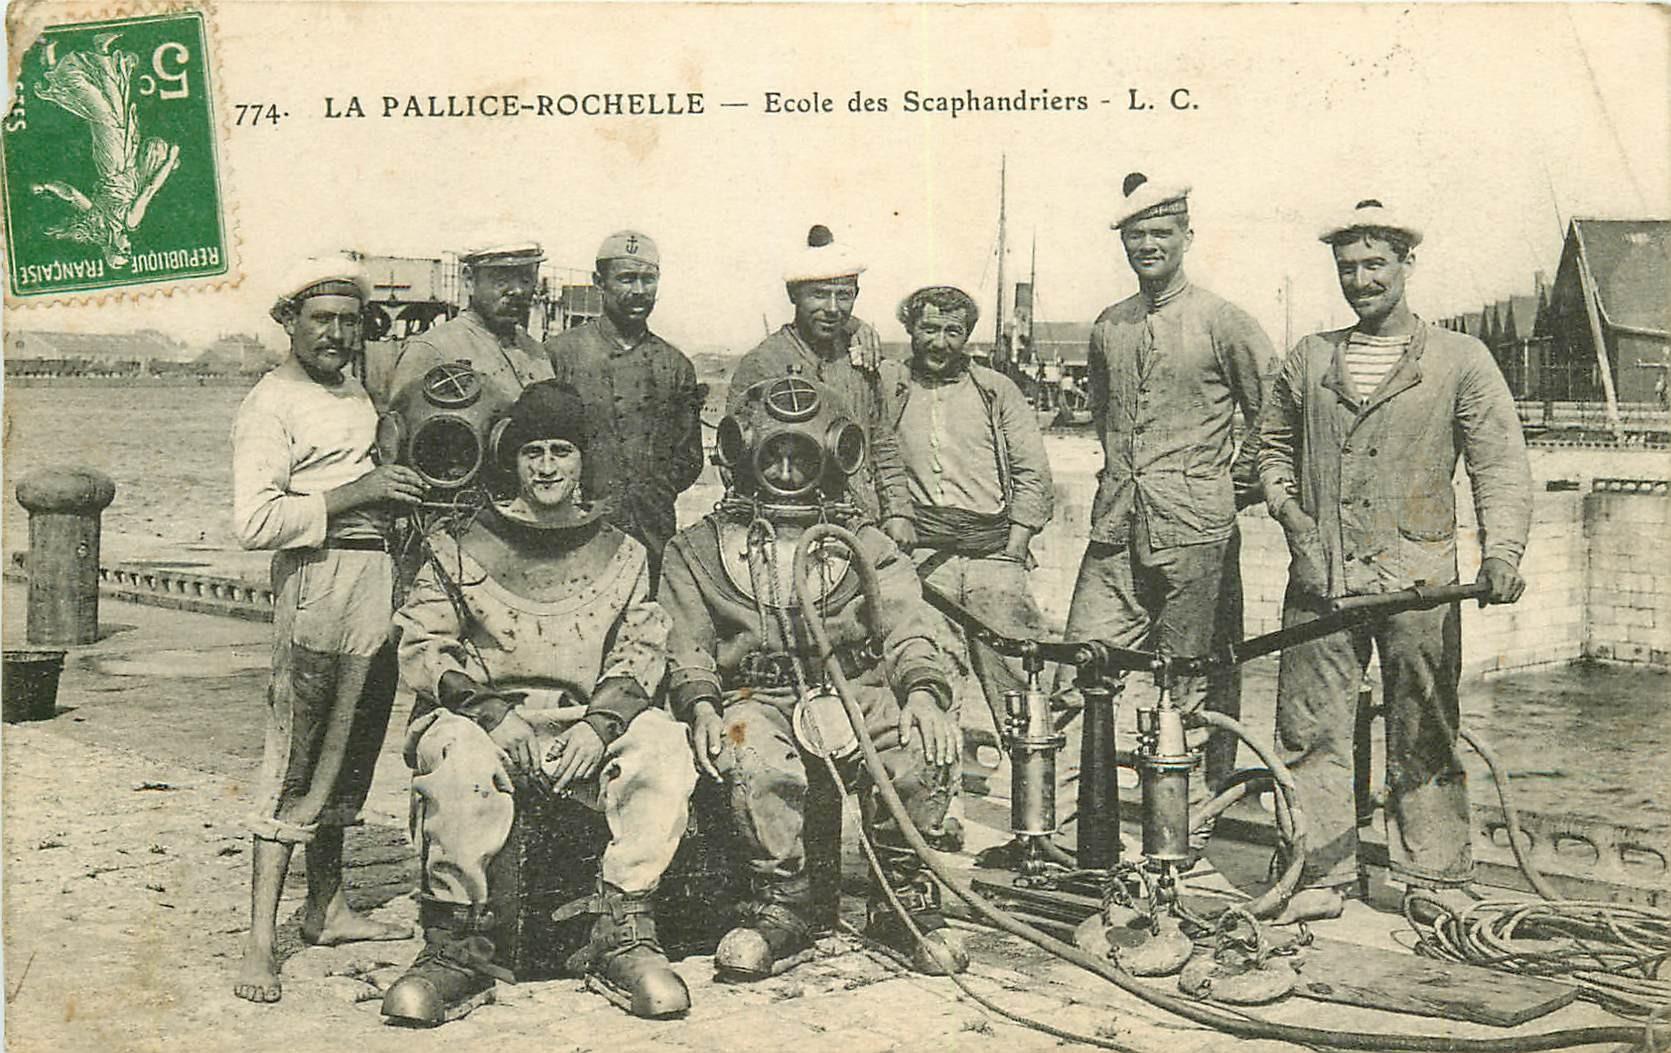 17 LA PALLICE-ROCHELLE. Ecole de Scaphandriers 1912